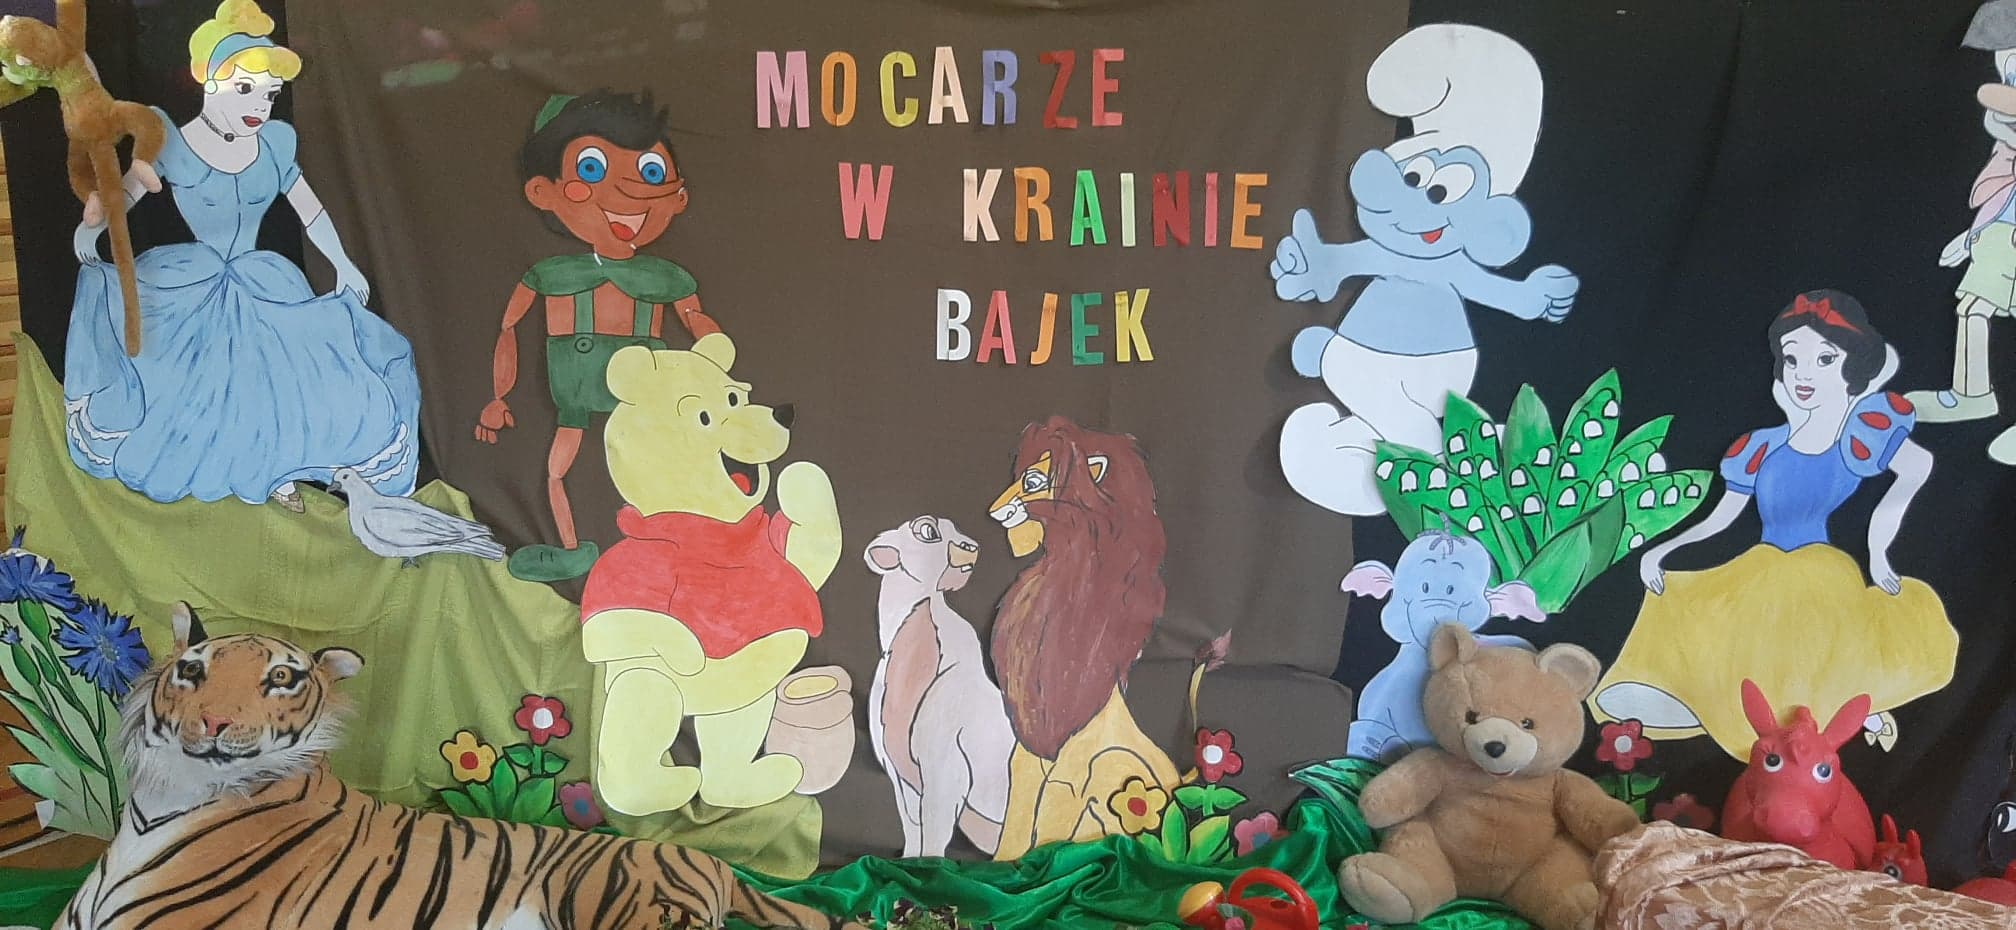 Zdjęcie przedstawia dekorację z postaciami z bajek z okazji Mocarnego dnia z bajką